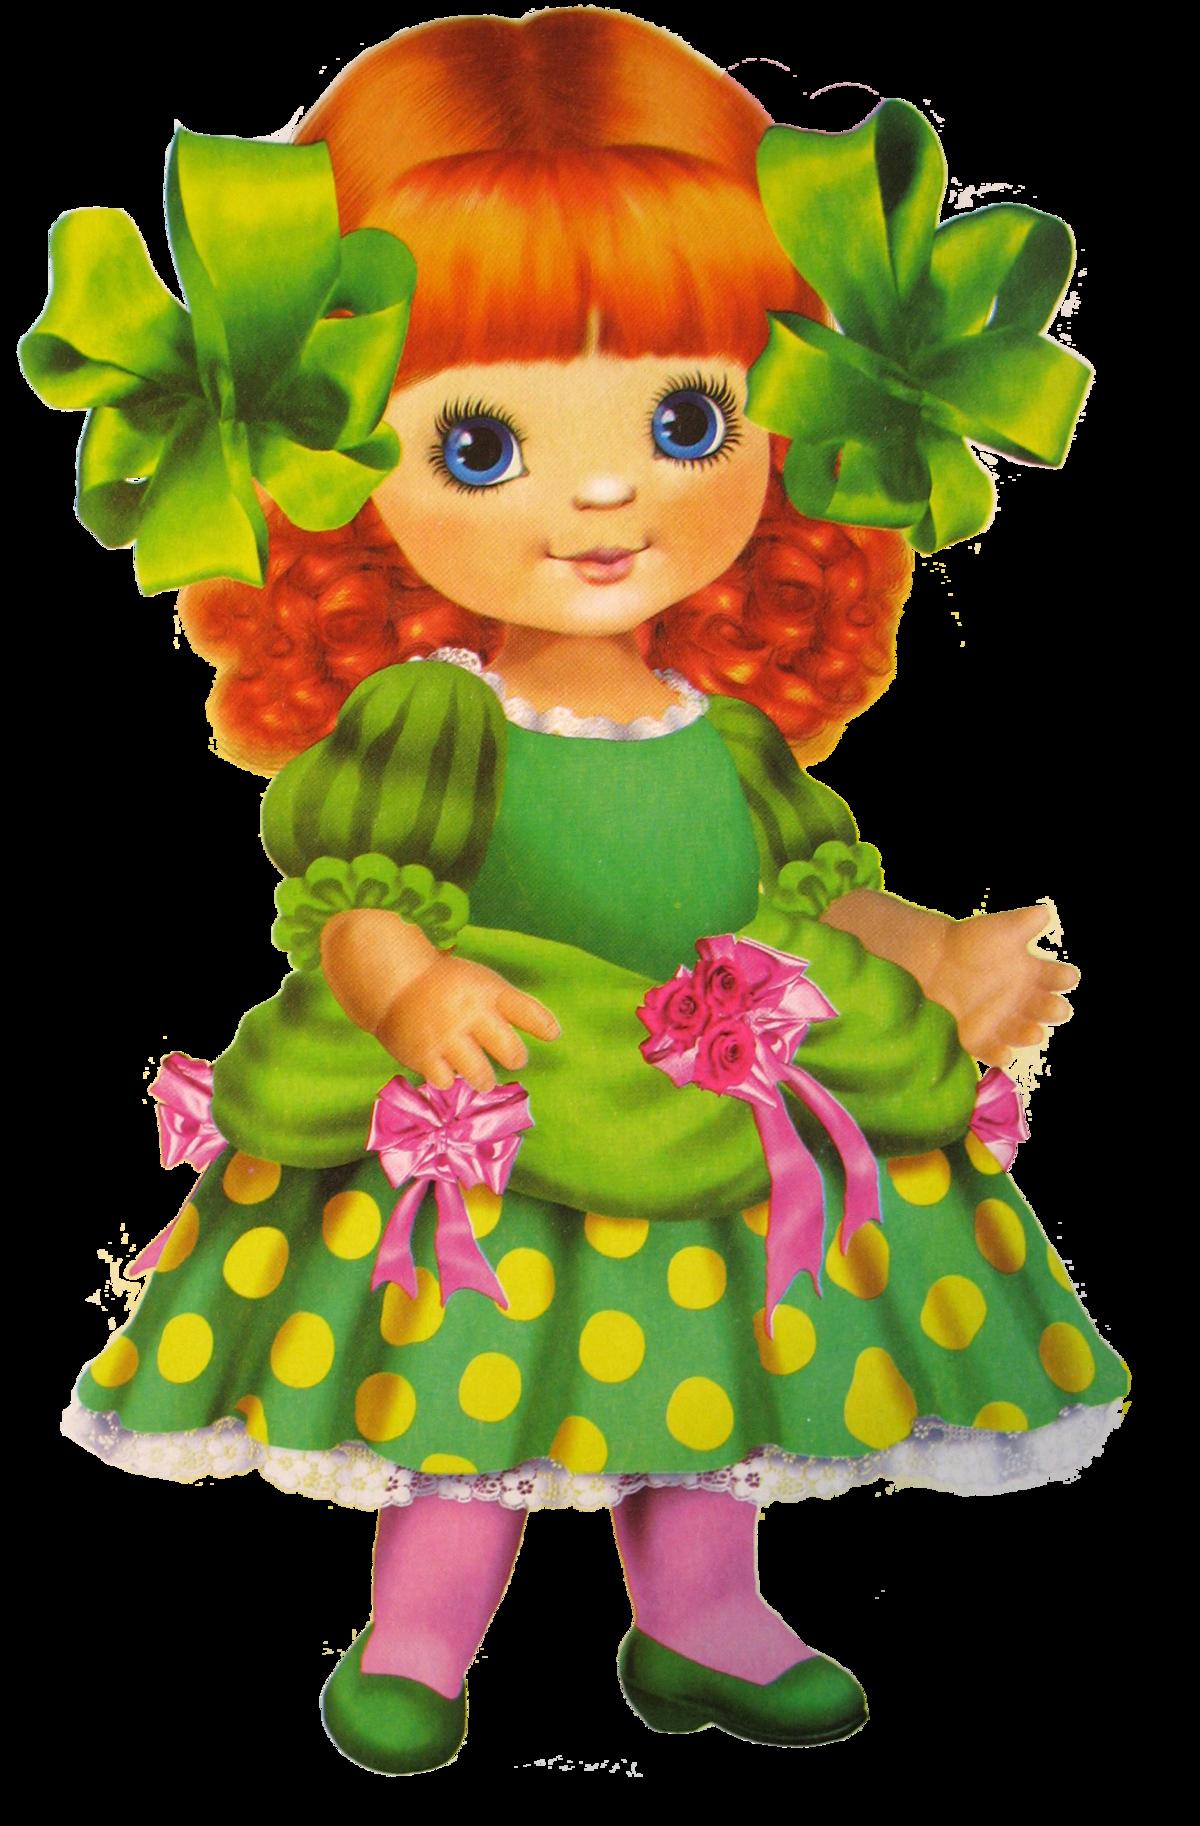 Картинка для детей нарисованная кукла